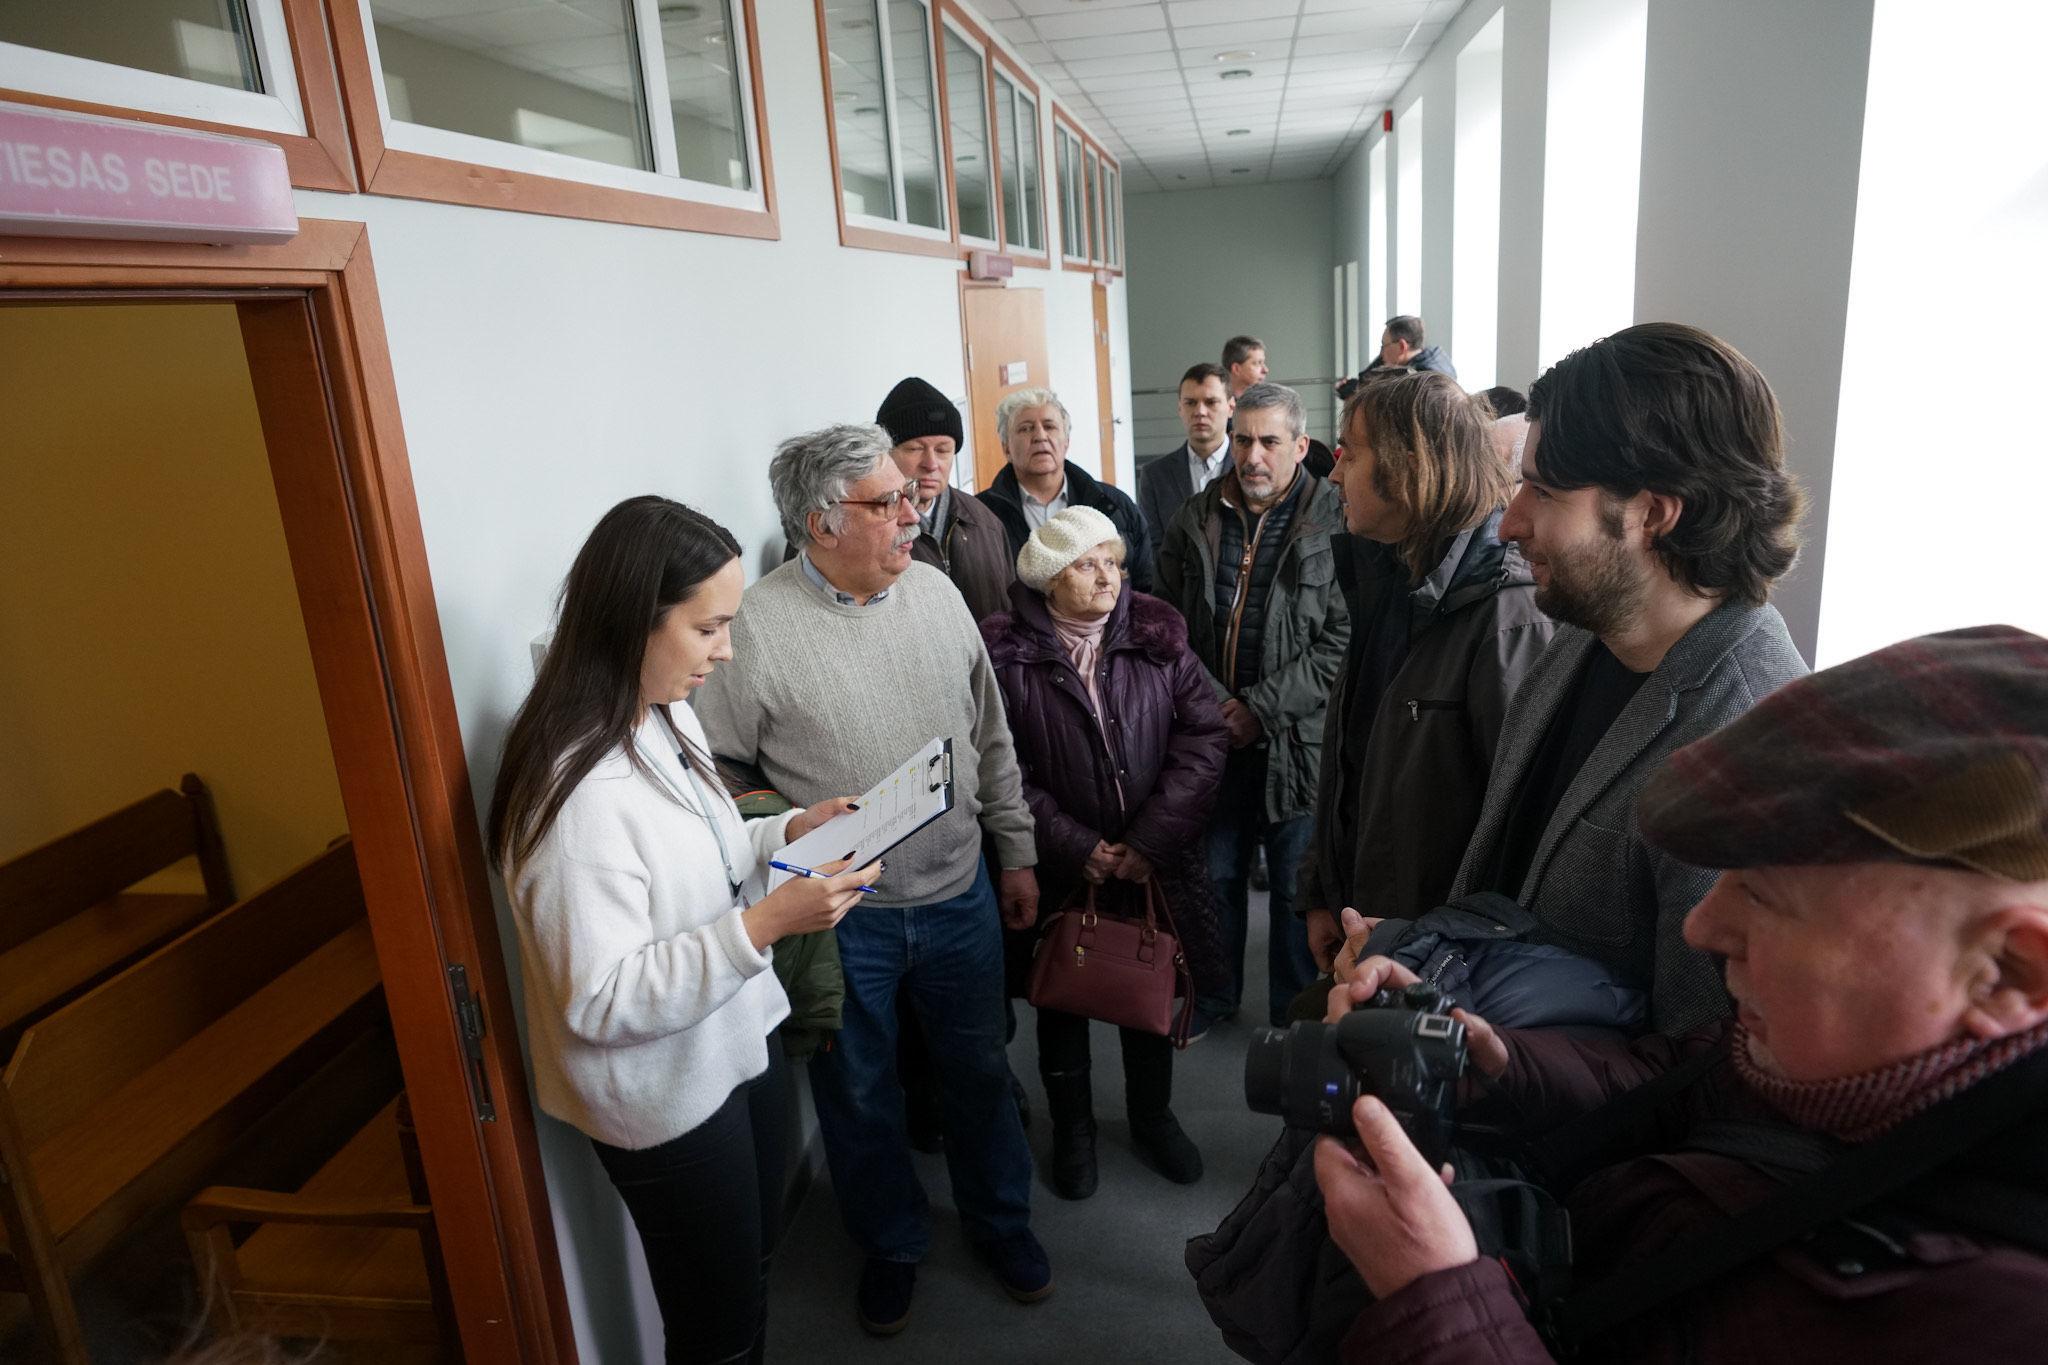 Александр Филей (второй справа) перед залом суда в Риге, 12 марта 2020